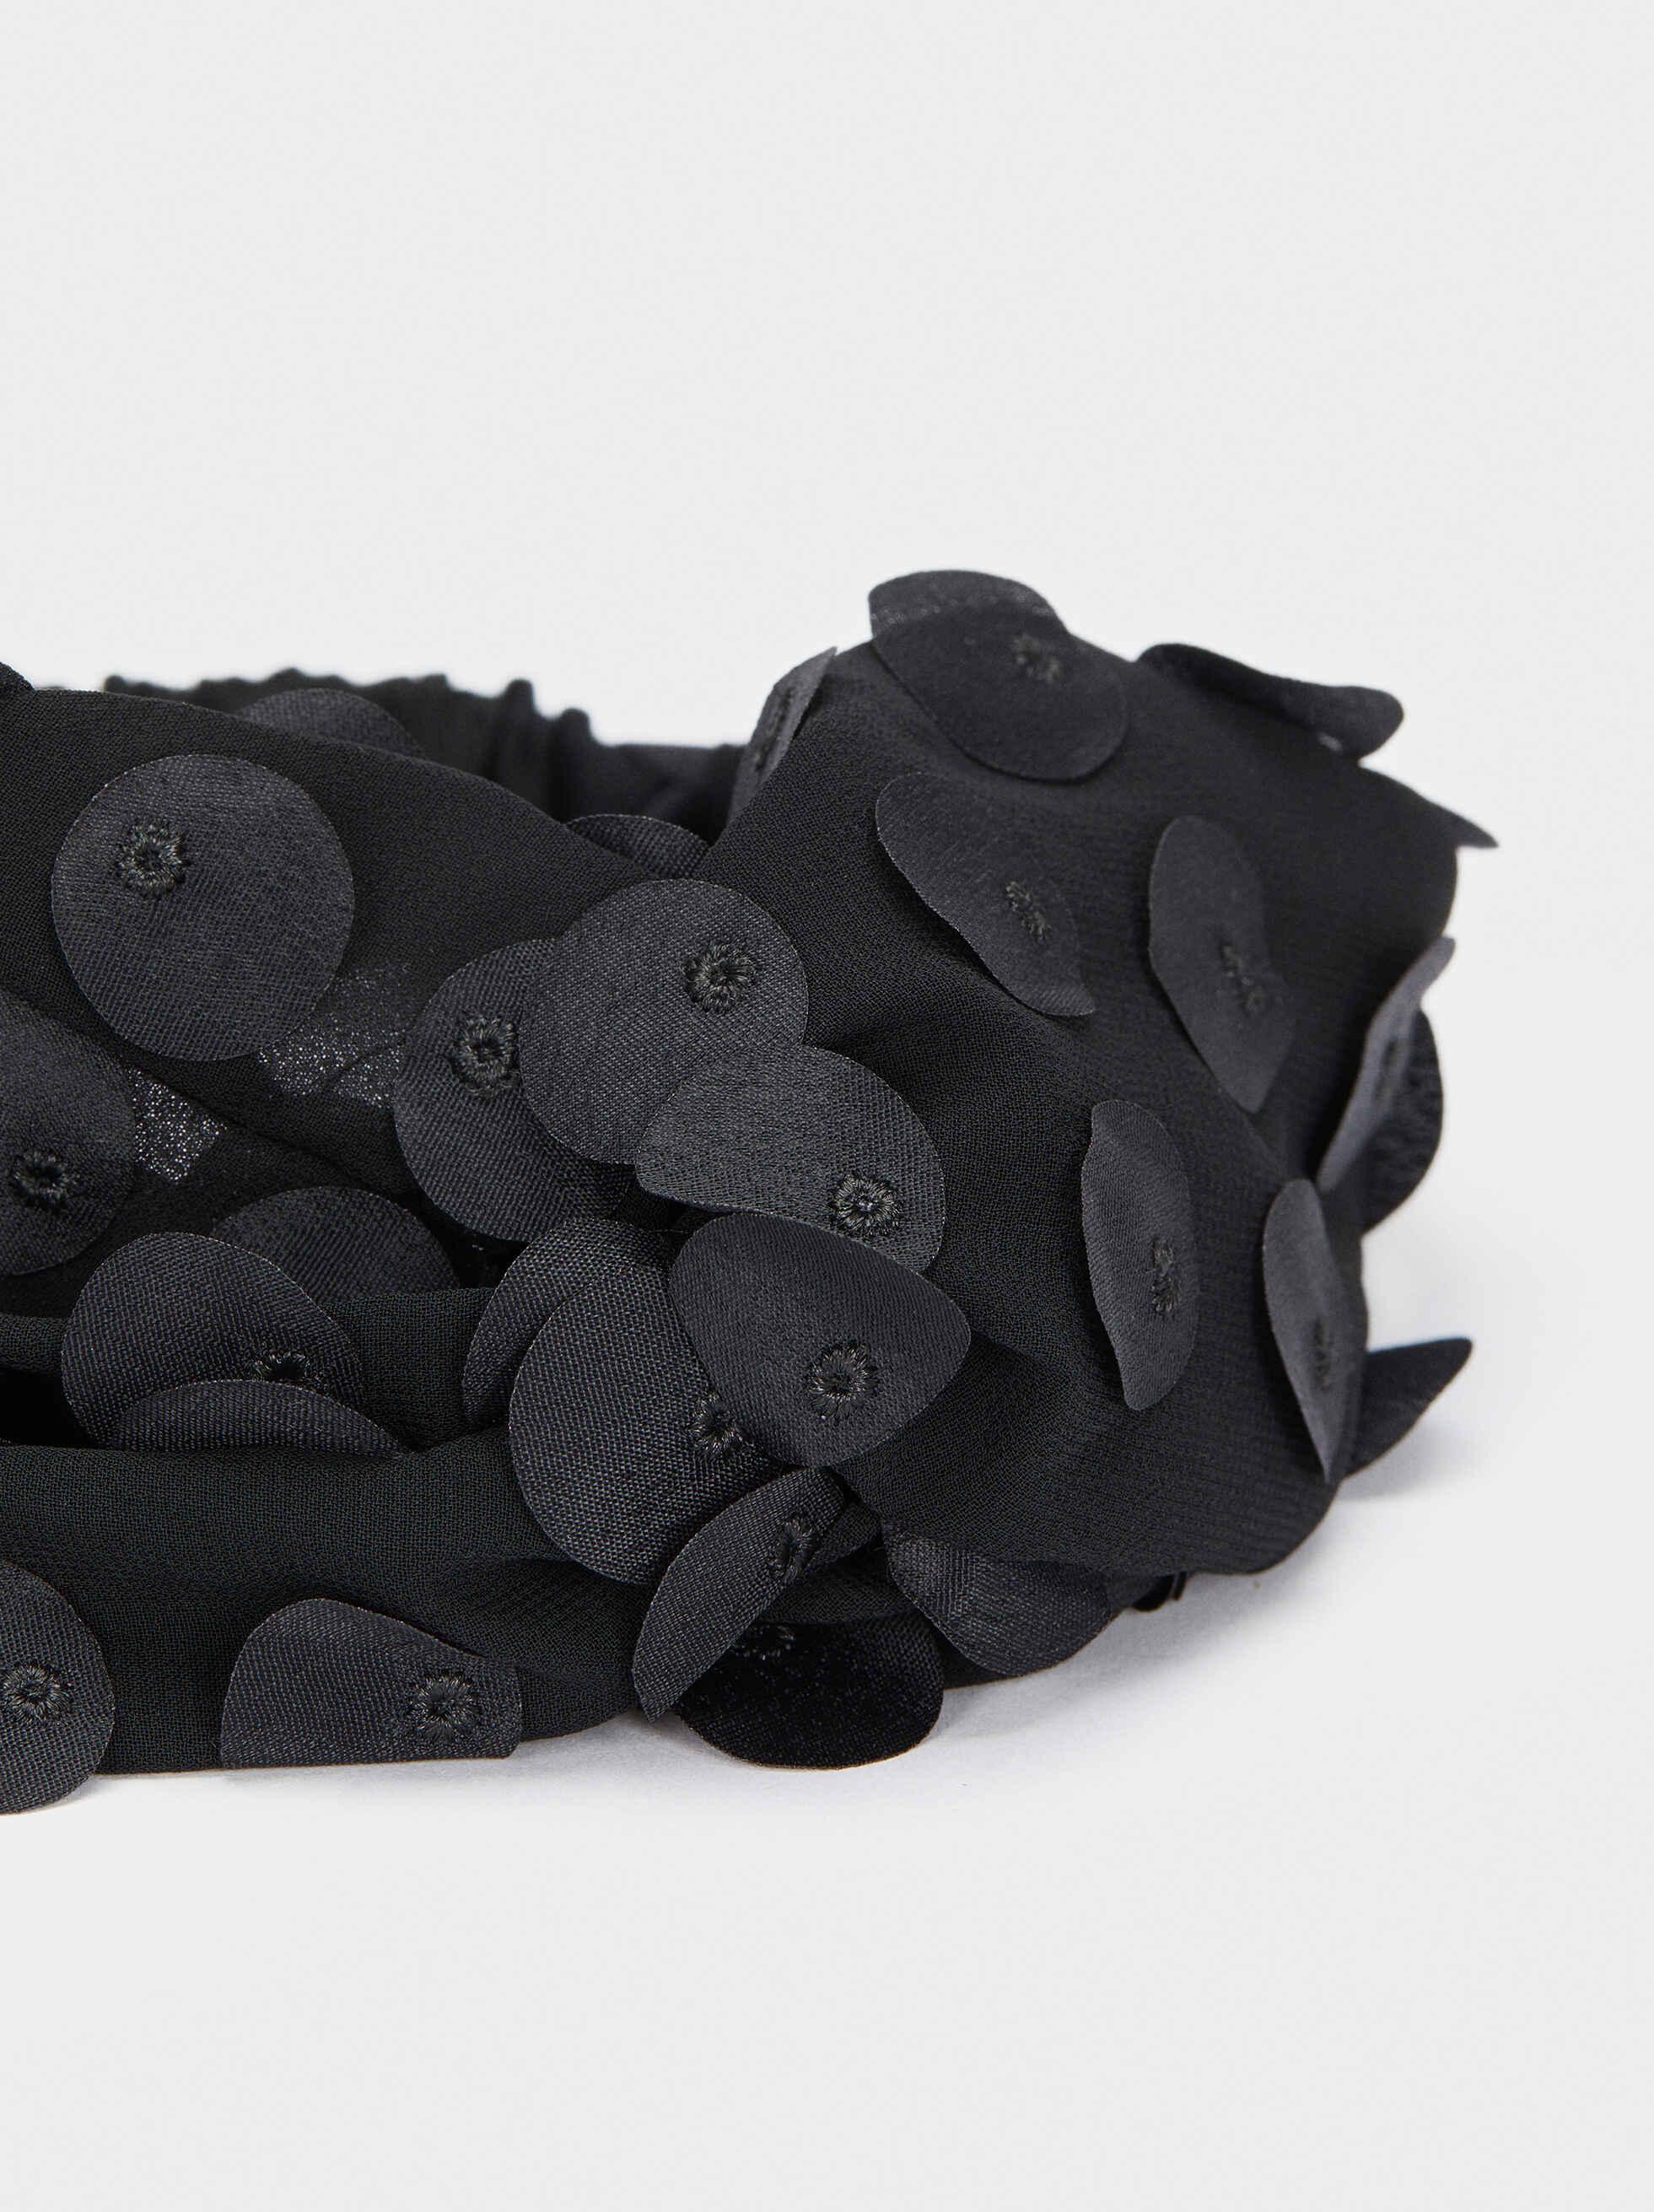 Diadema Turbante Abalorios, Negro, hi-res